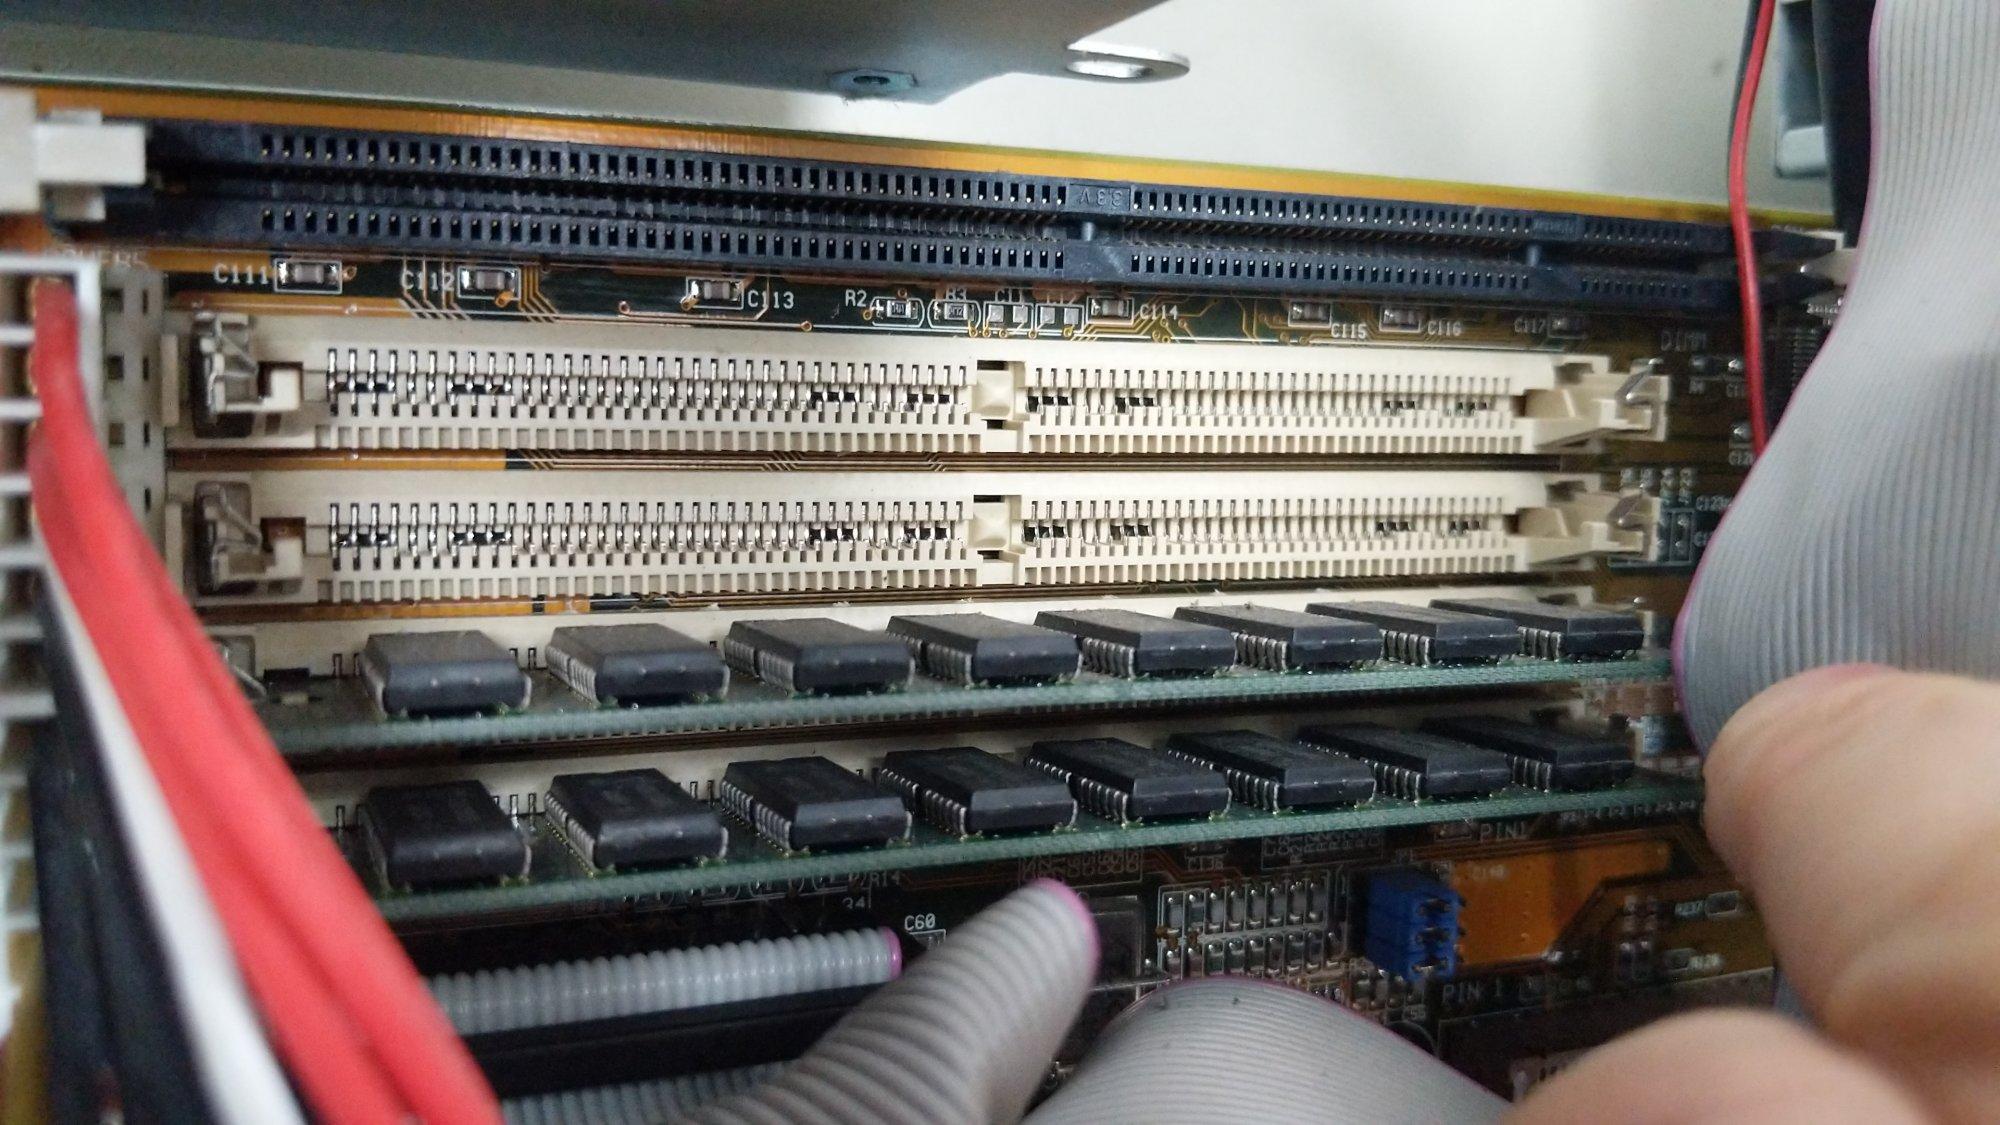 PXL_20210220_192930153.jpg